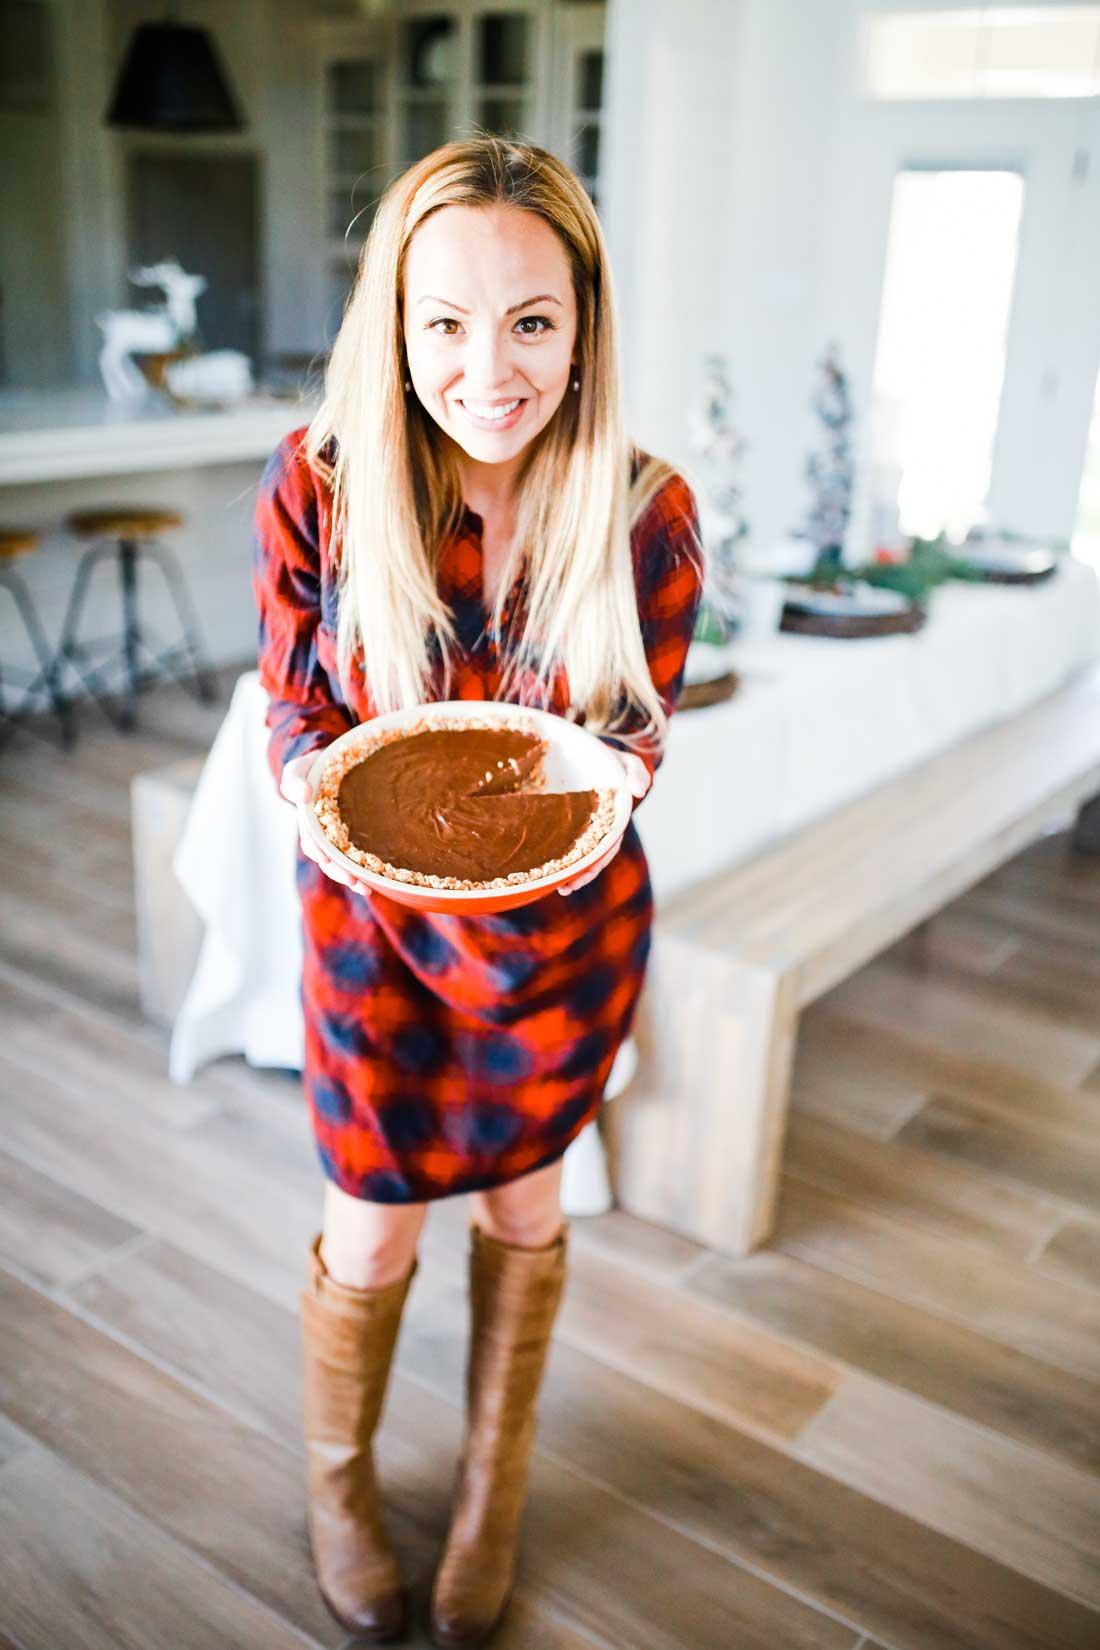 AMAZING Chocolate truffle pie with a pretzel crust. WOW!!!